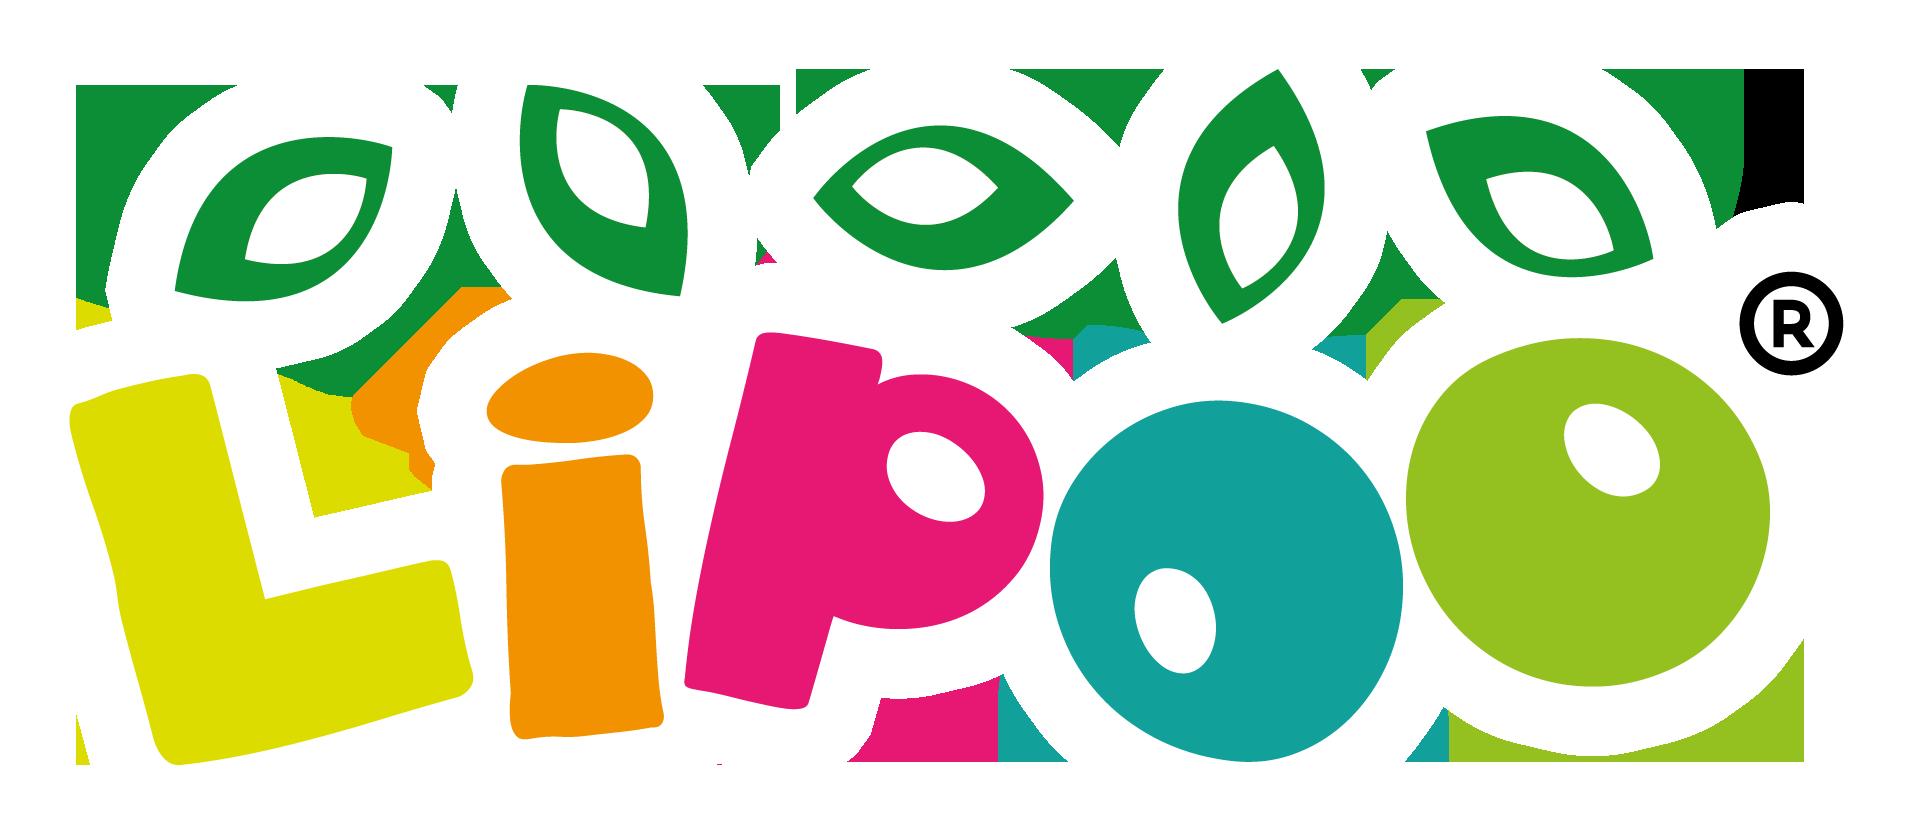 LIPOO